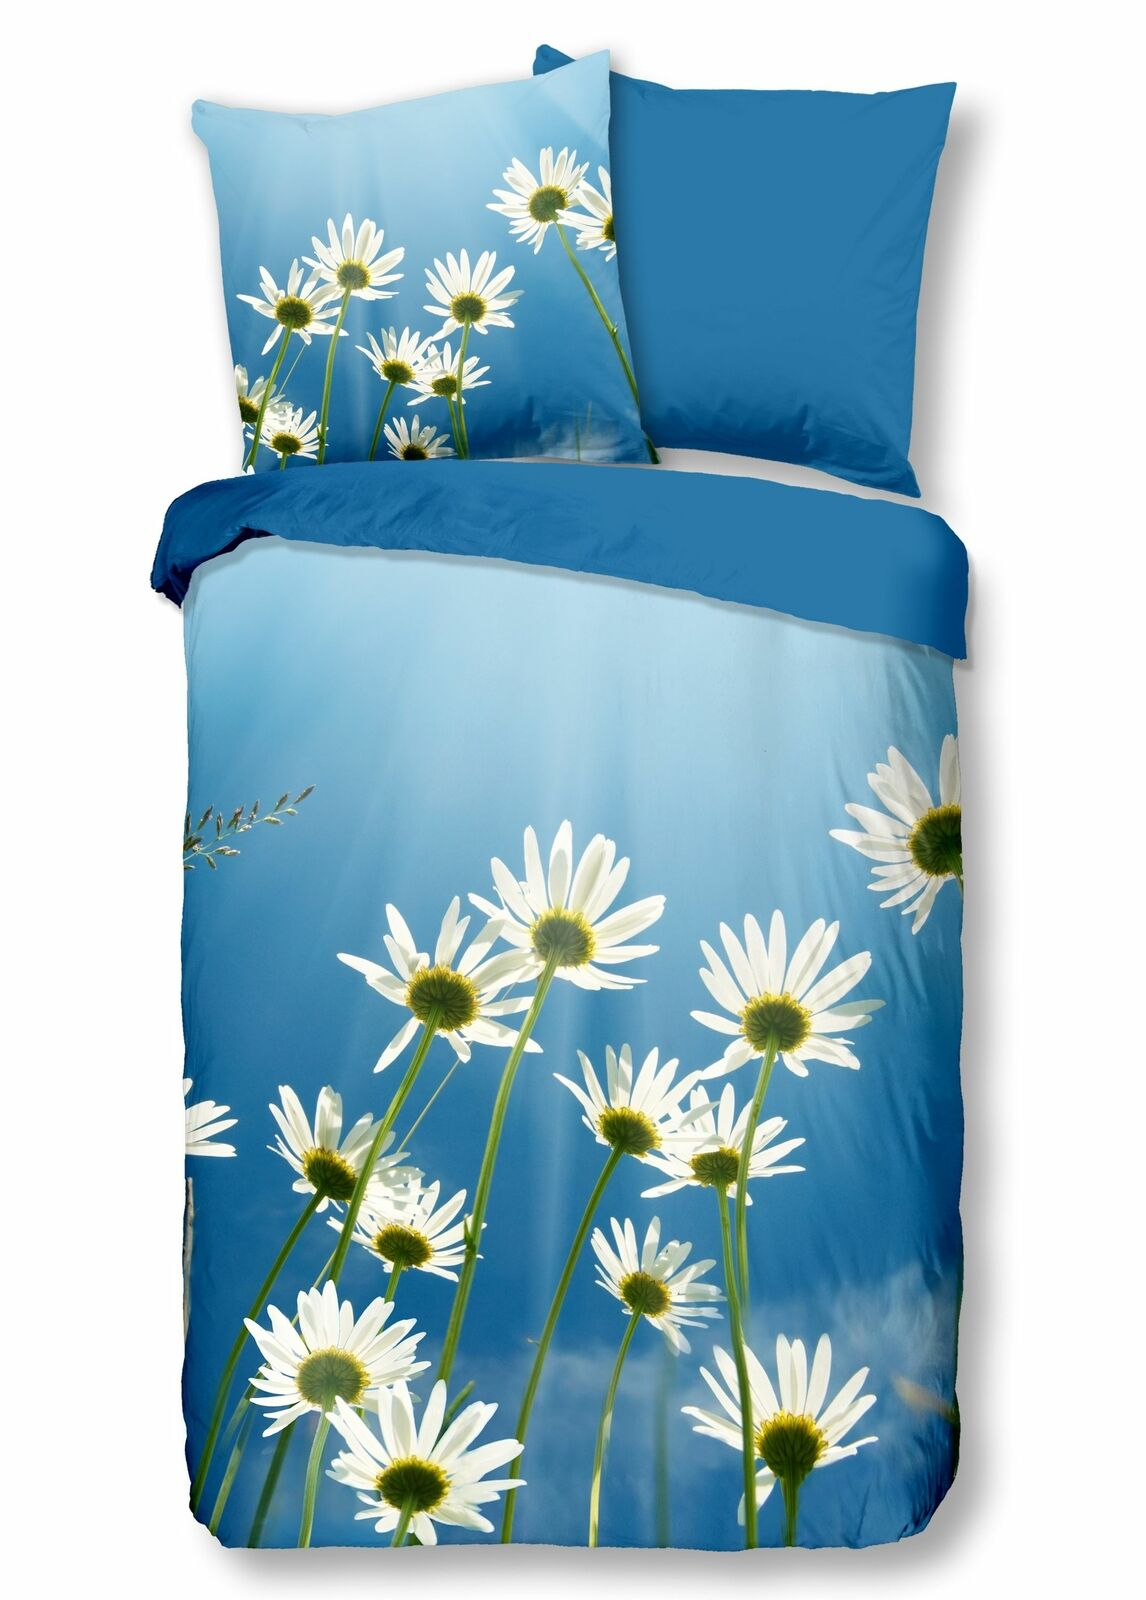 4 tlg Bettwäsche 135x200 cm Gänseblümchen Frühling weiß blau Baumwolle Wende Set